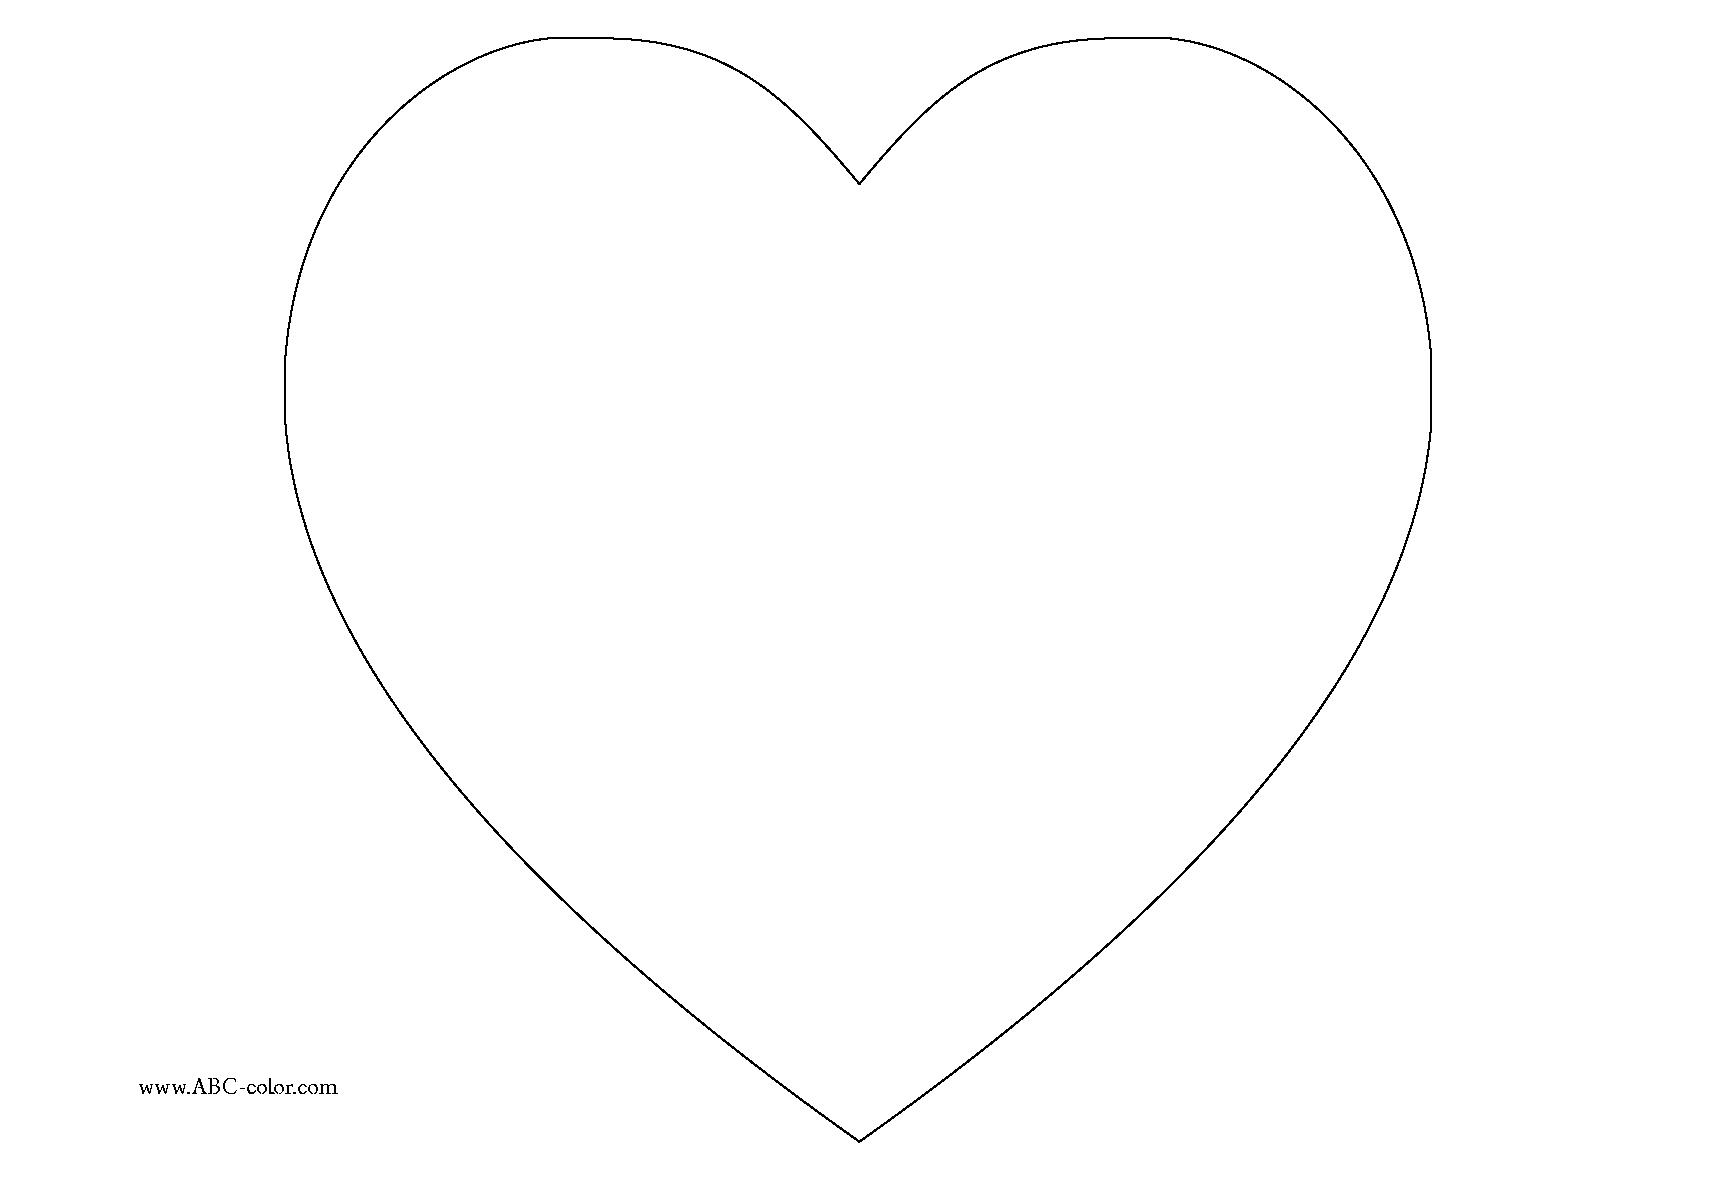 скачать картинку сердце для телефона